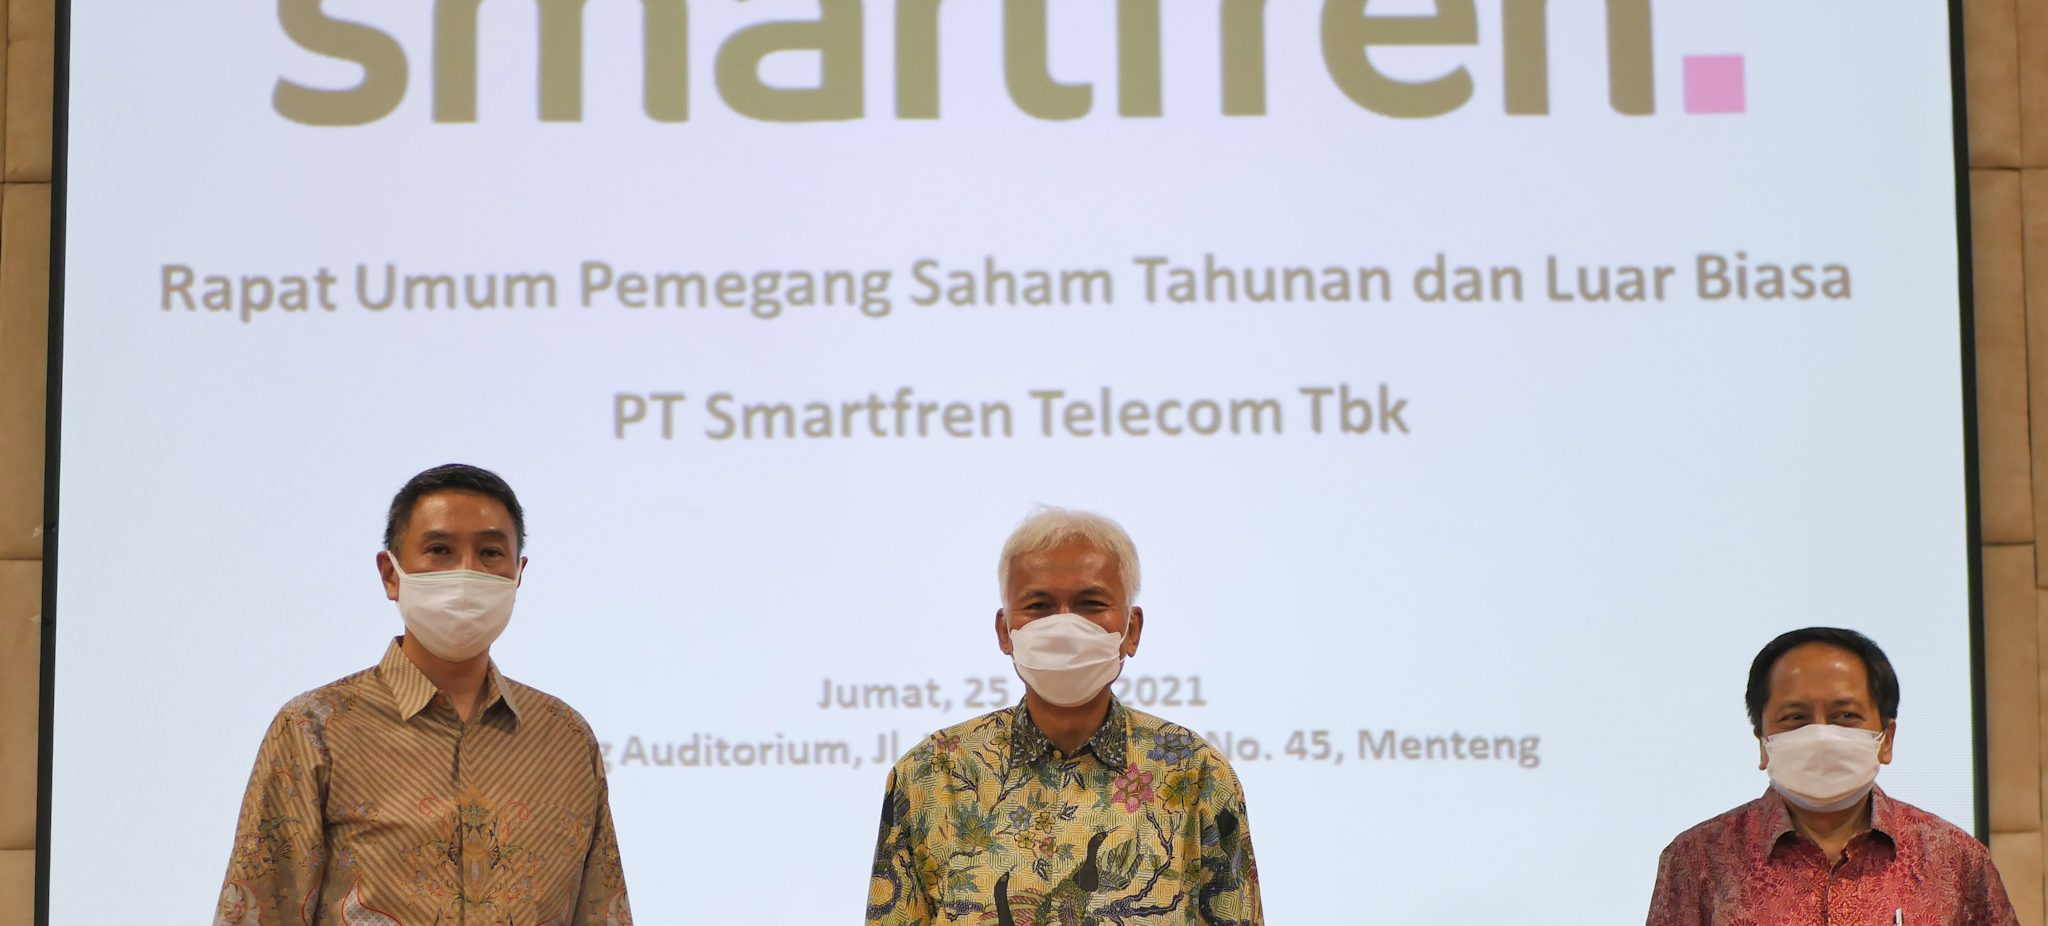 Direksi Smartfren Umumkan Nama Dewan Komisaris